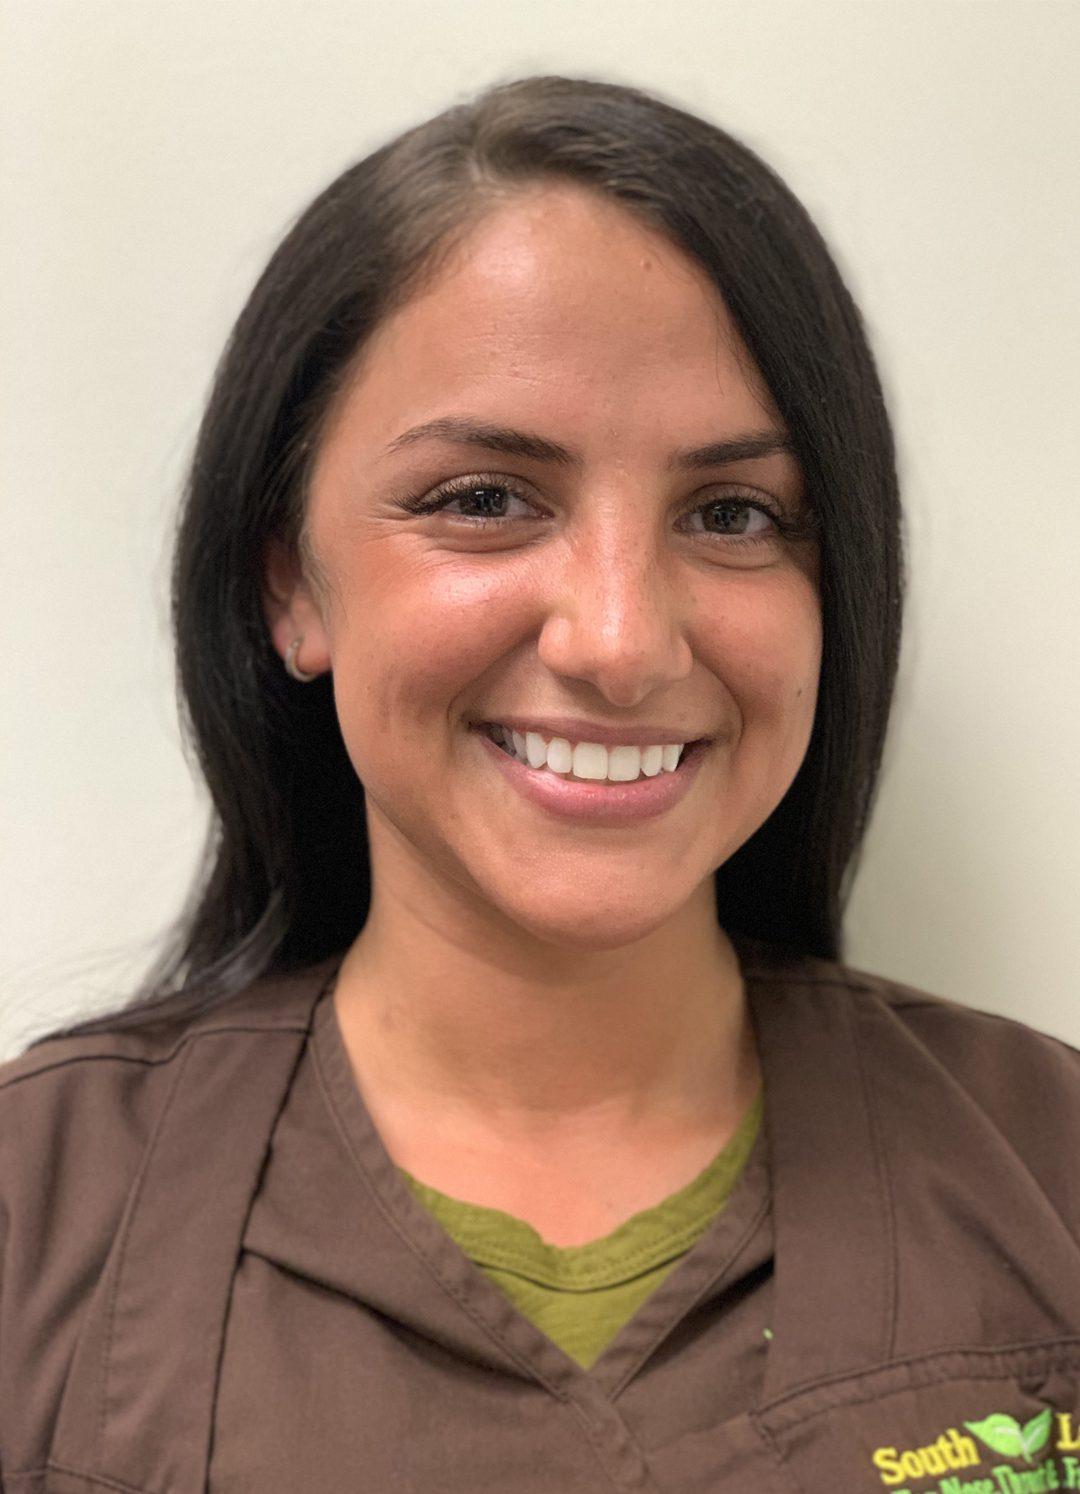 Meet the team - Katie Martinez